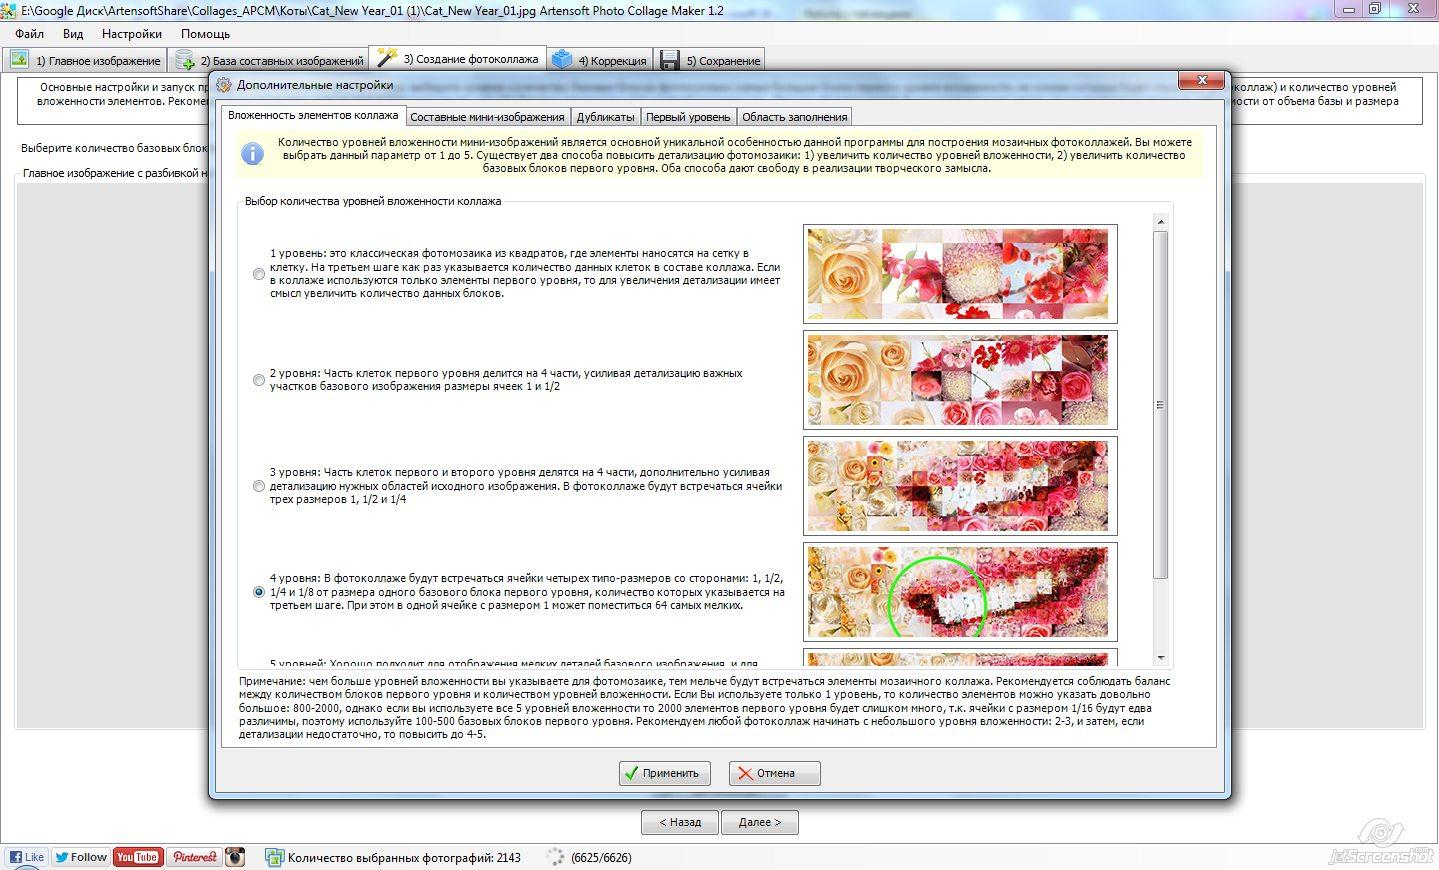 Возможности дополнительных настроек при создании коллажа из фотографий в Artensoft Photo Collage Maker